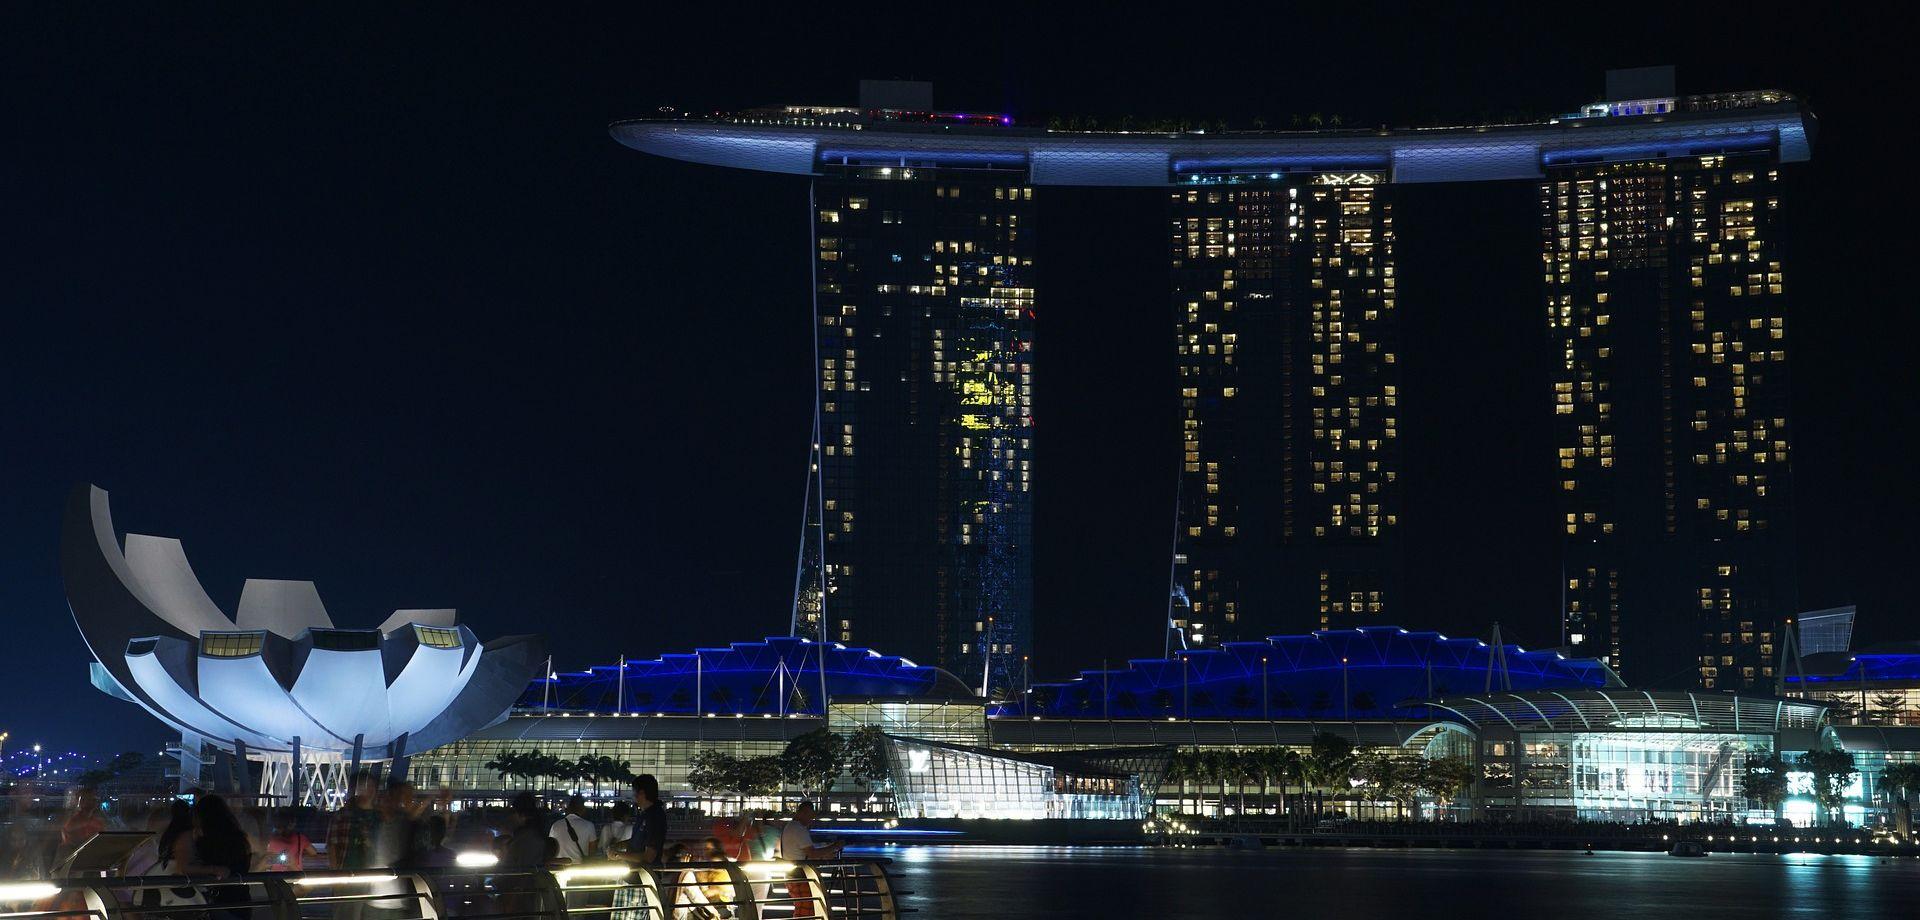 Dubai gradi najveću marinu na Bliskom istoku